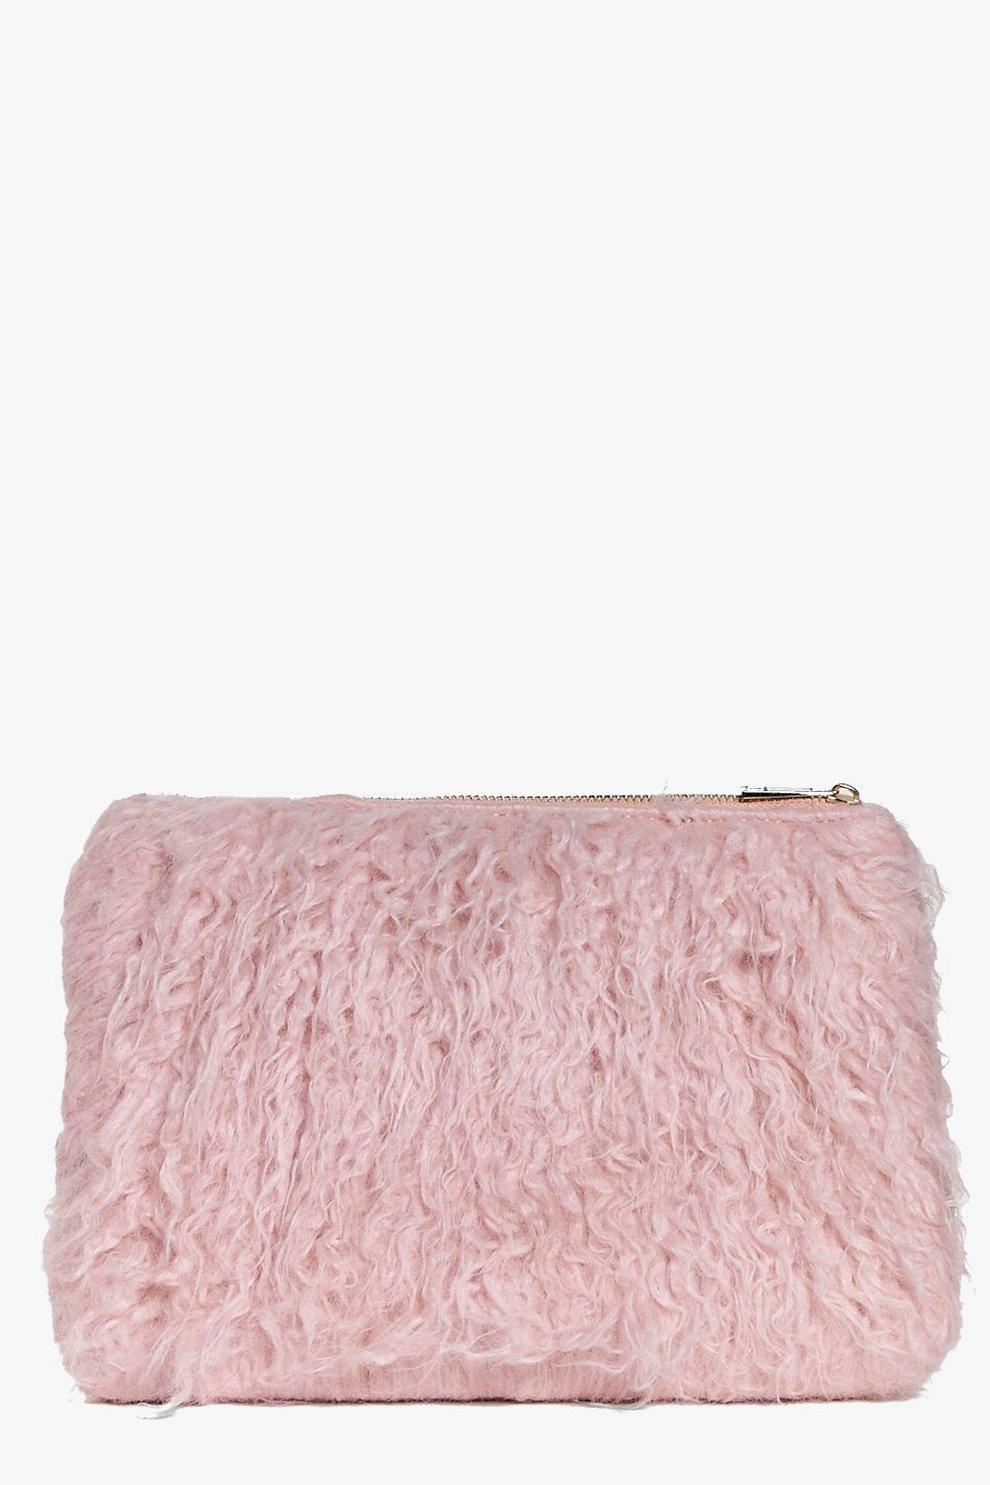 Skye Mongolian Faux Fur Clutch Bag   Boohoo e22ca44229